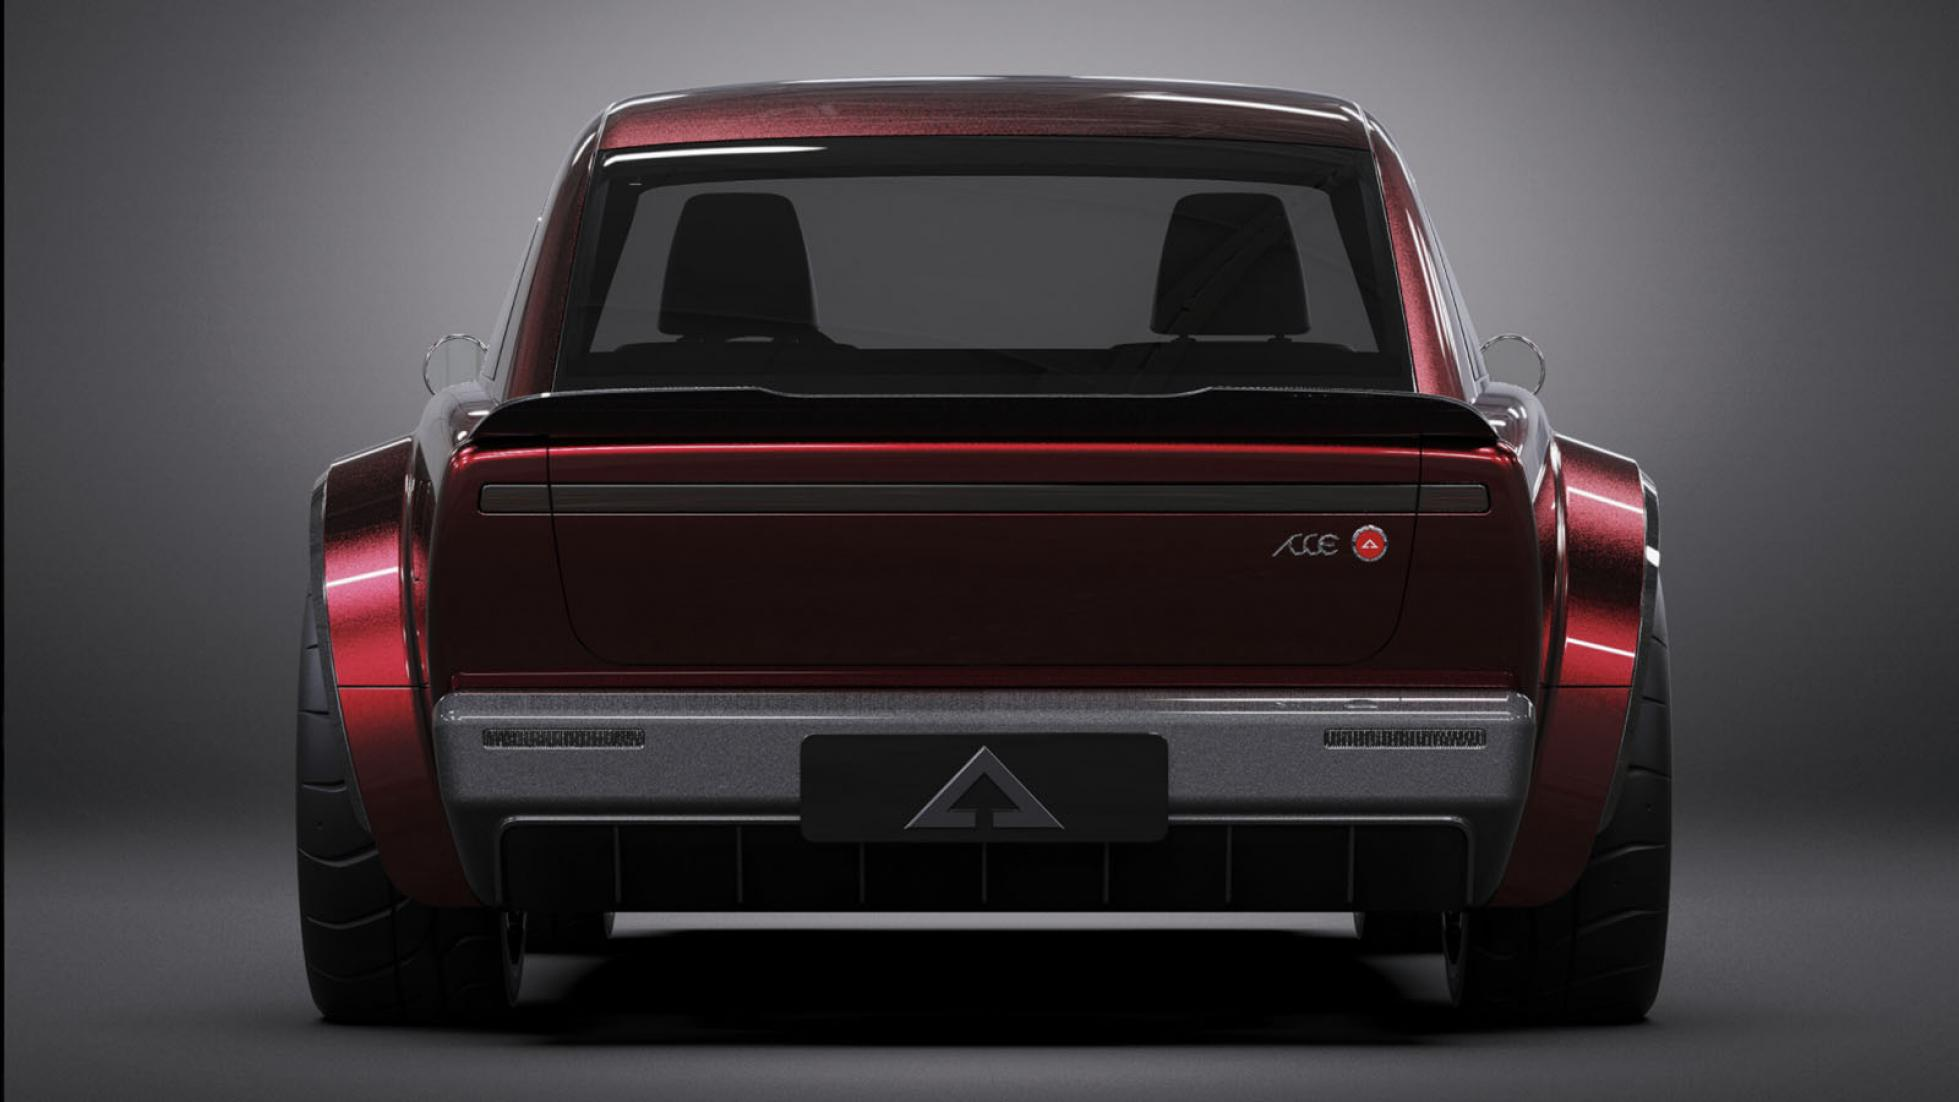 Alpha Jax red rear view